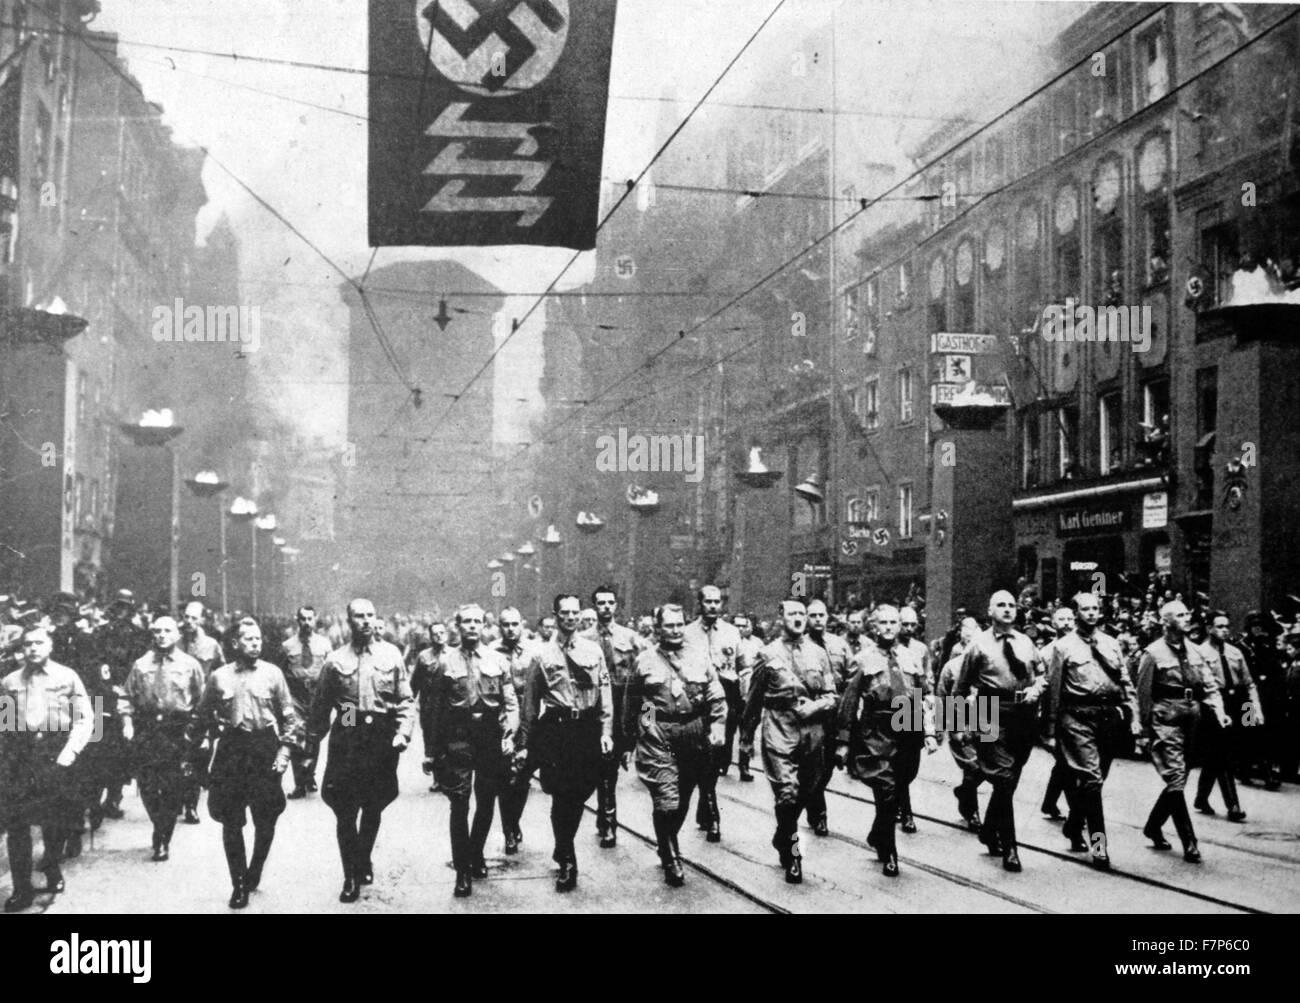 Adolf Hitler Und Die Nazis Marschieren Gegen Den Versailler Vertrag